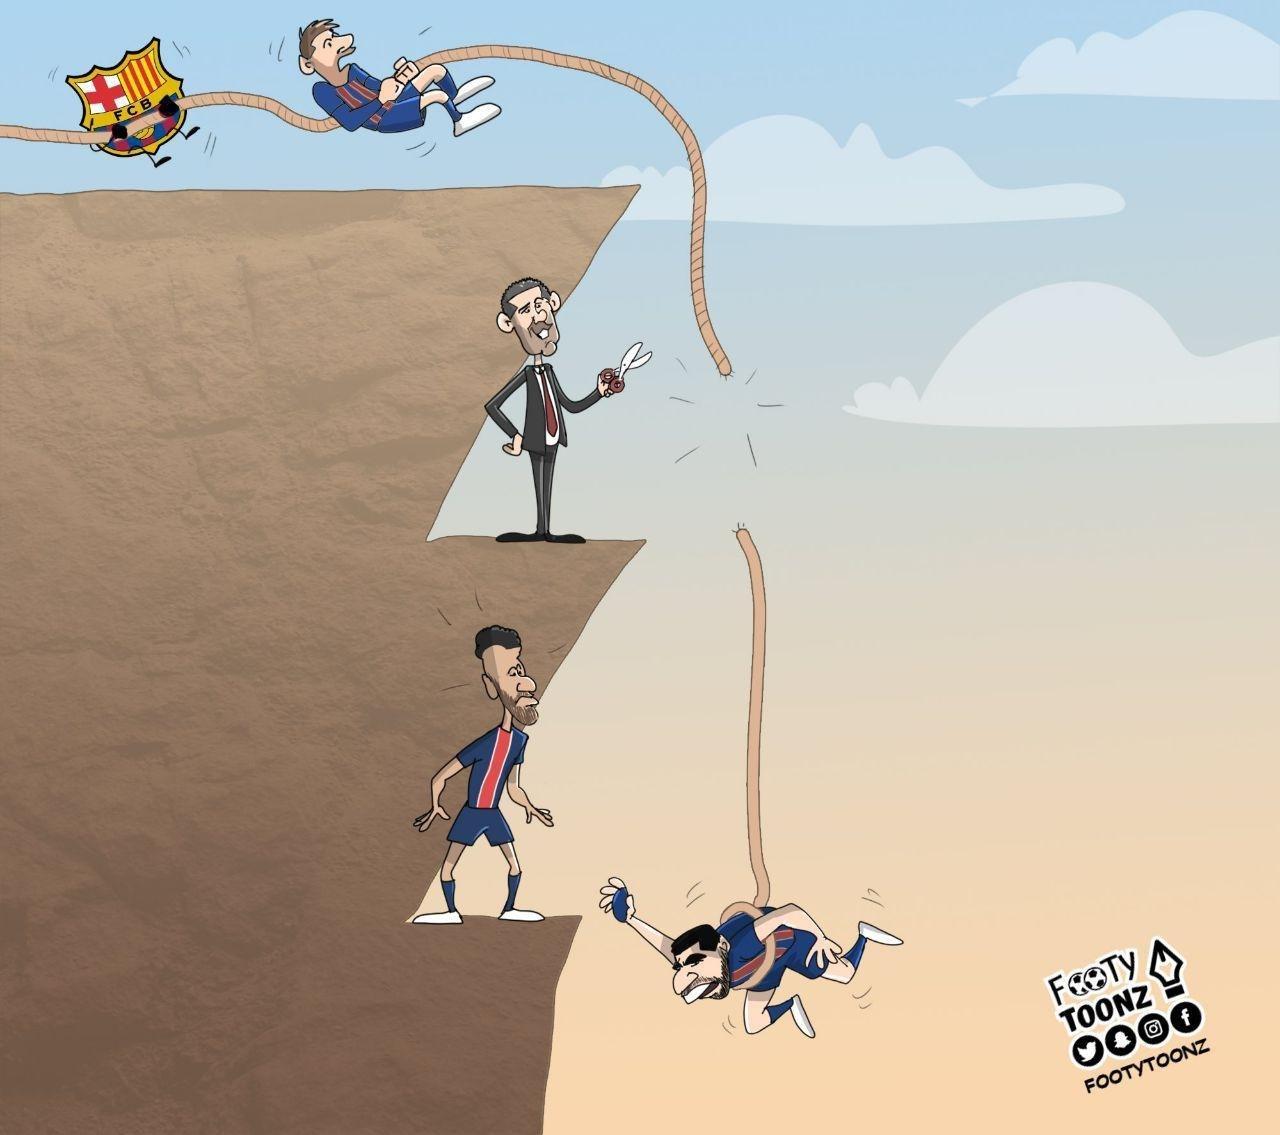 کارتون| داستان جدید مسی و بارتومئو